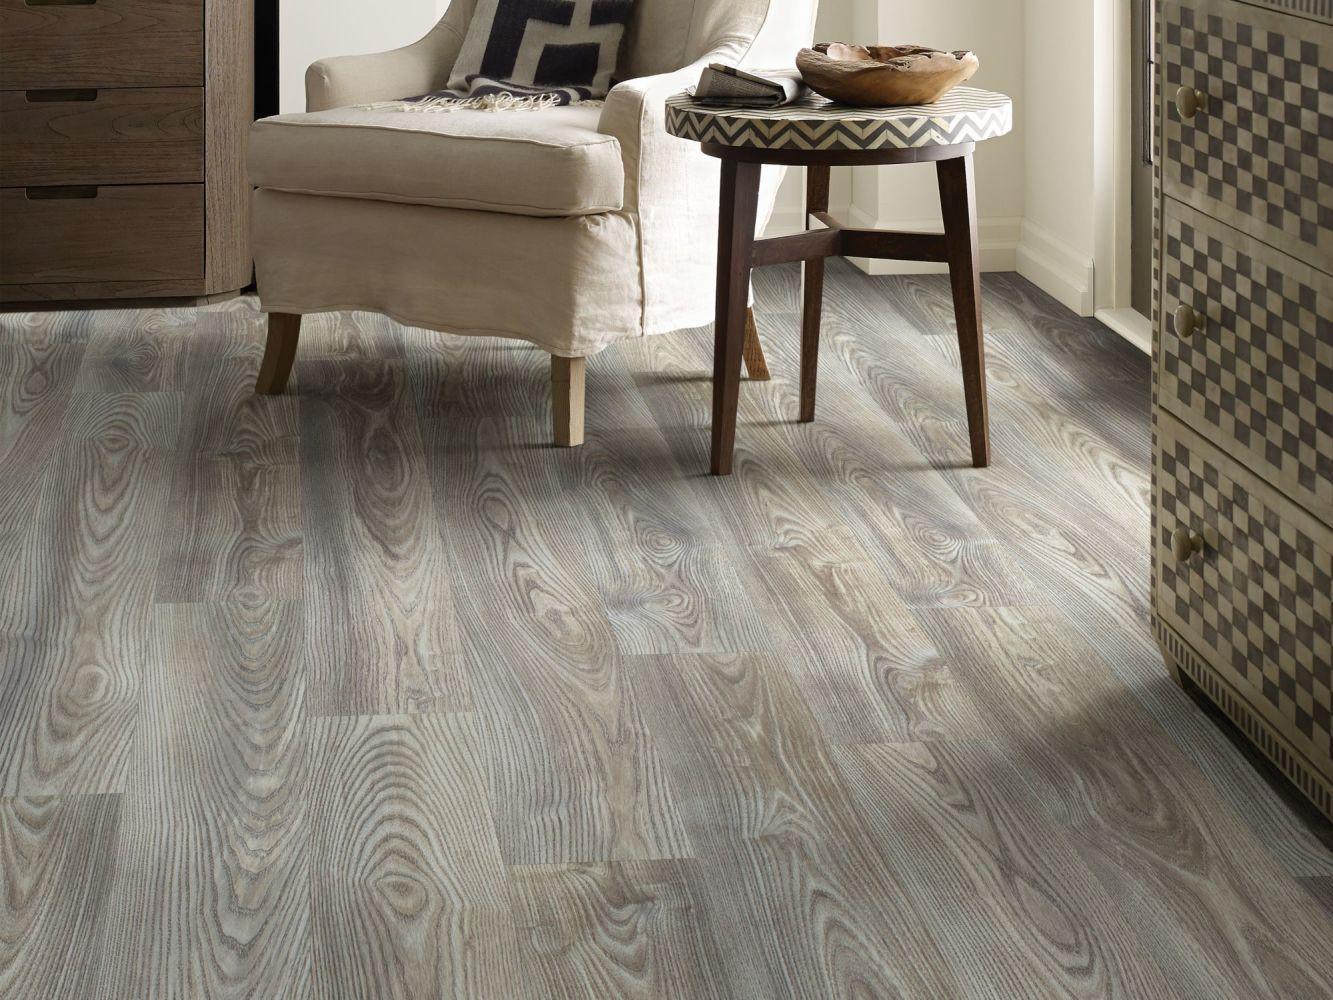 Shaw Floors Travera Plus 20 Grey Chestnut 07062_FR622